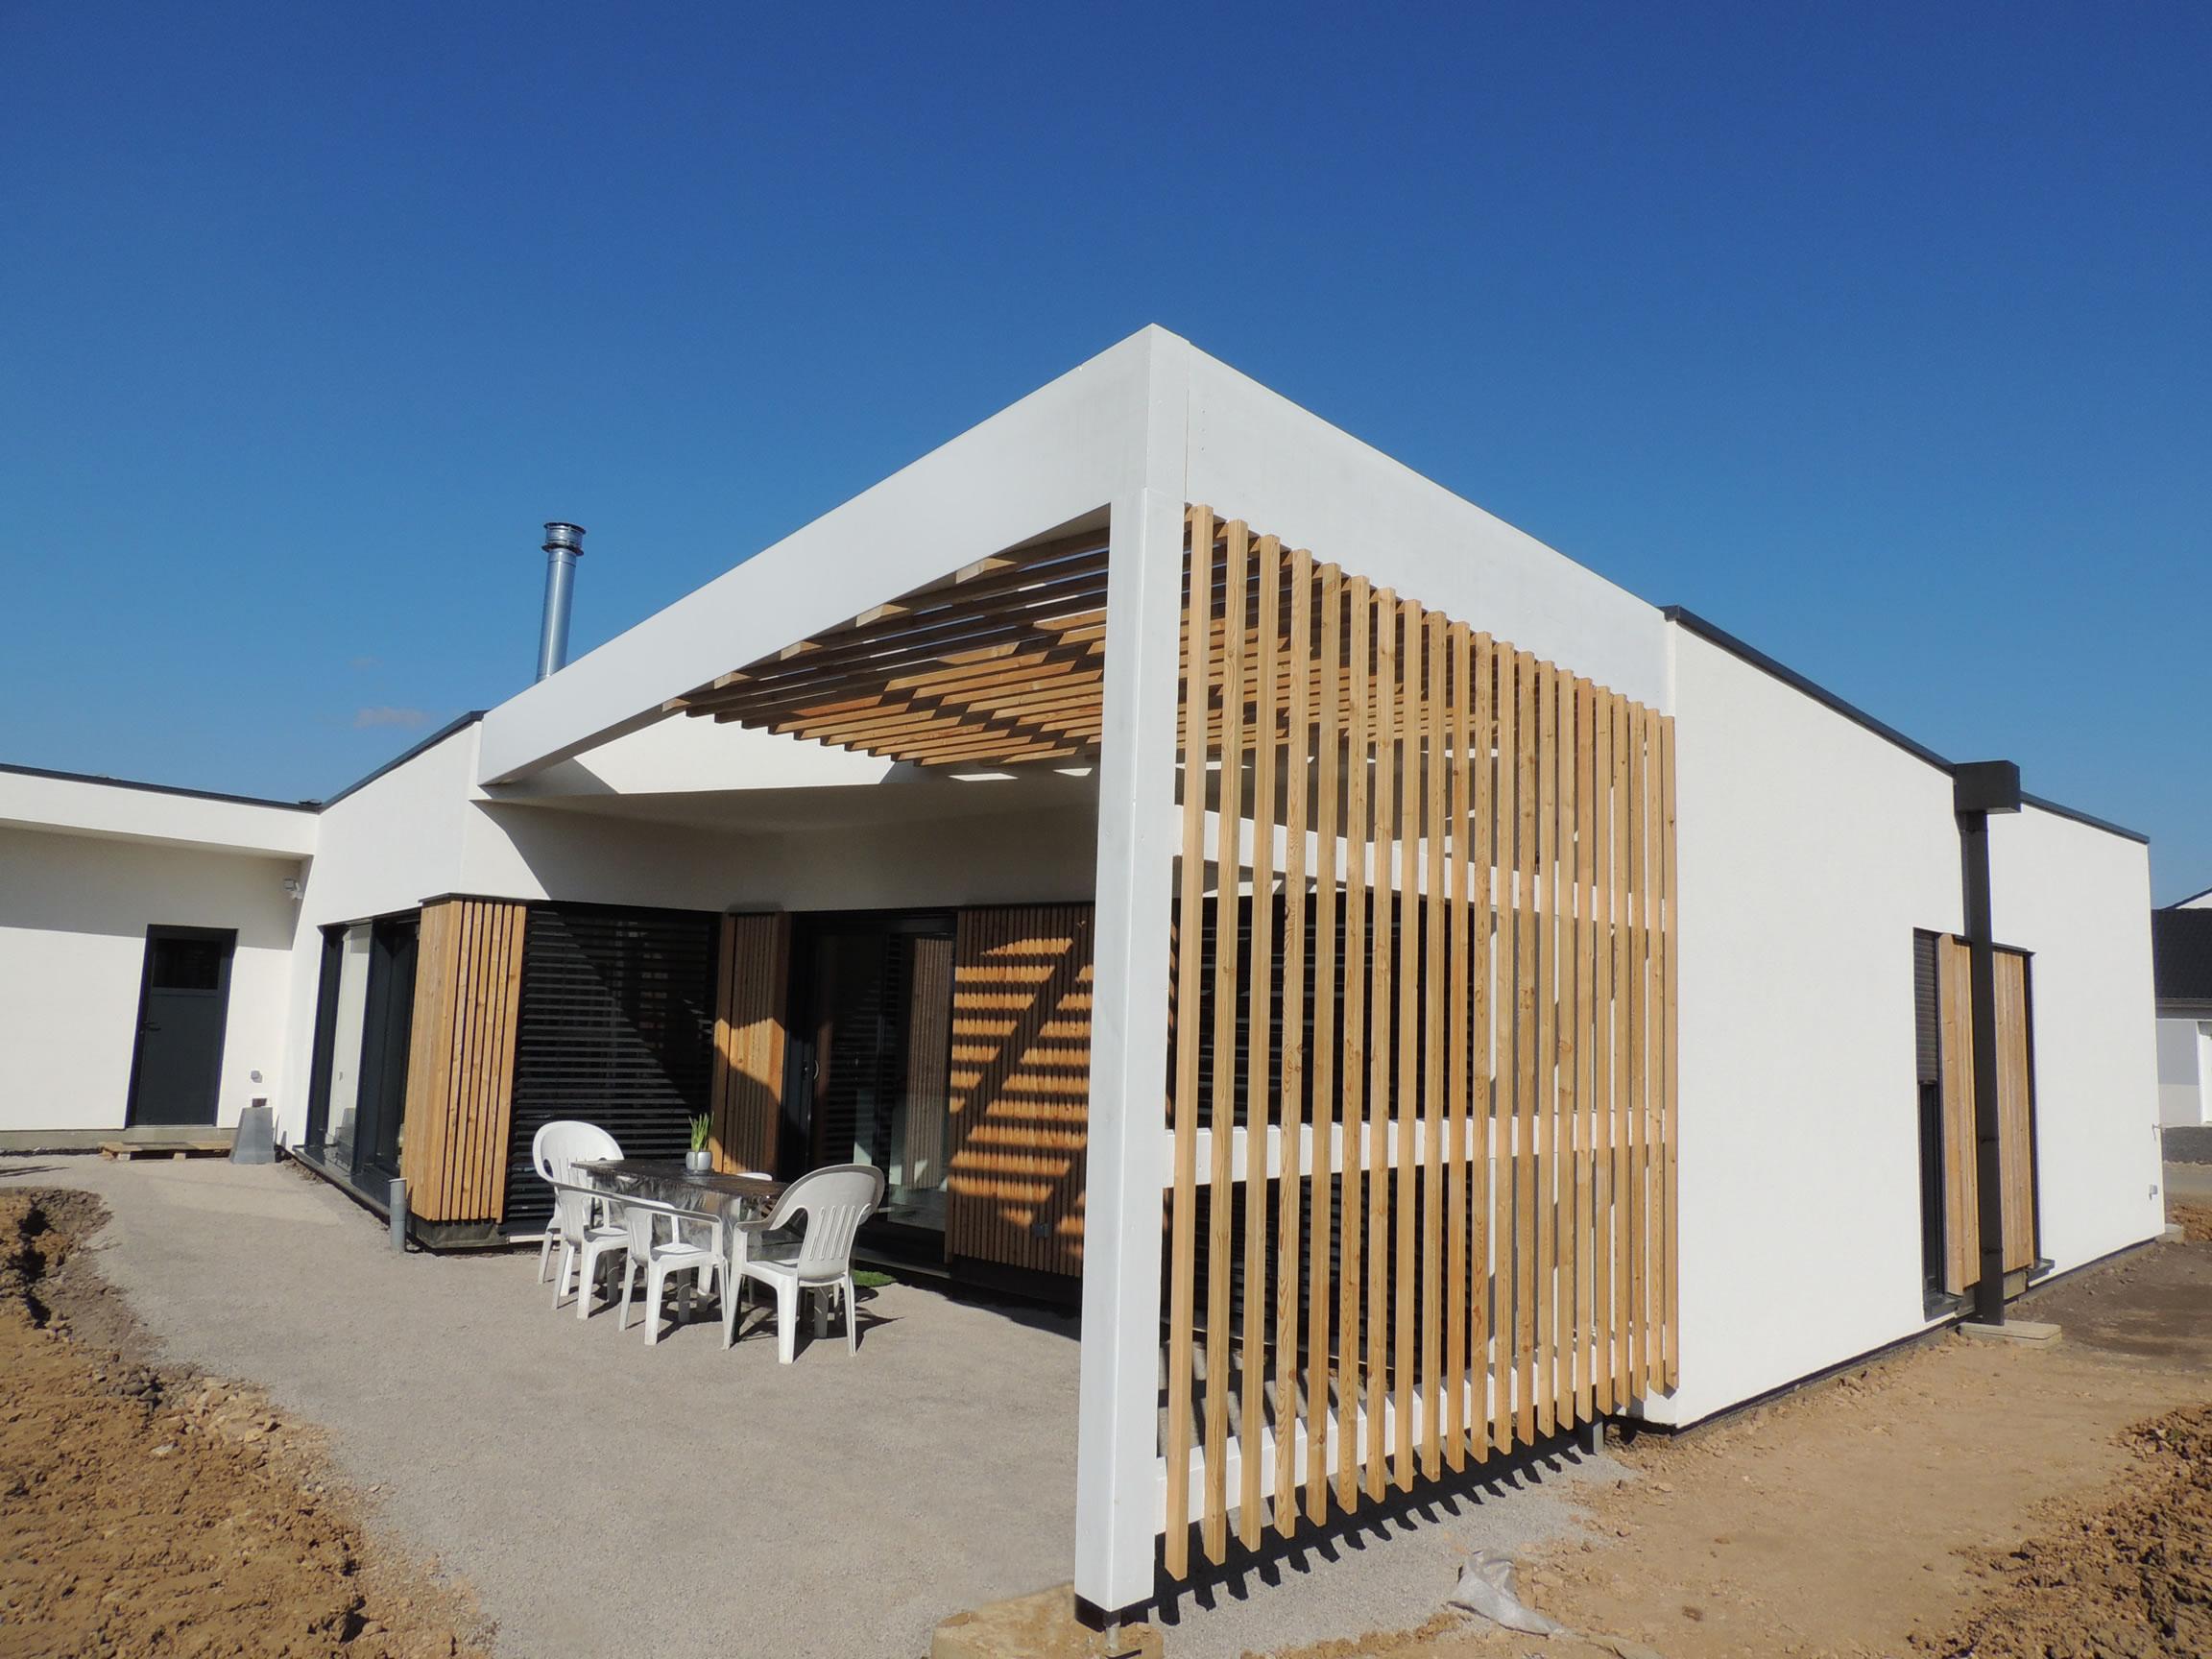 Maisons ossature bois # Maison Osature Bois